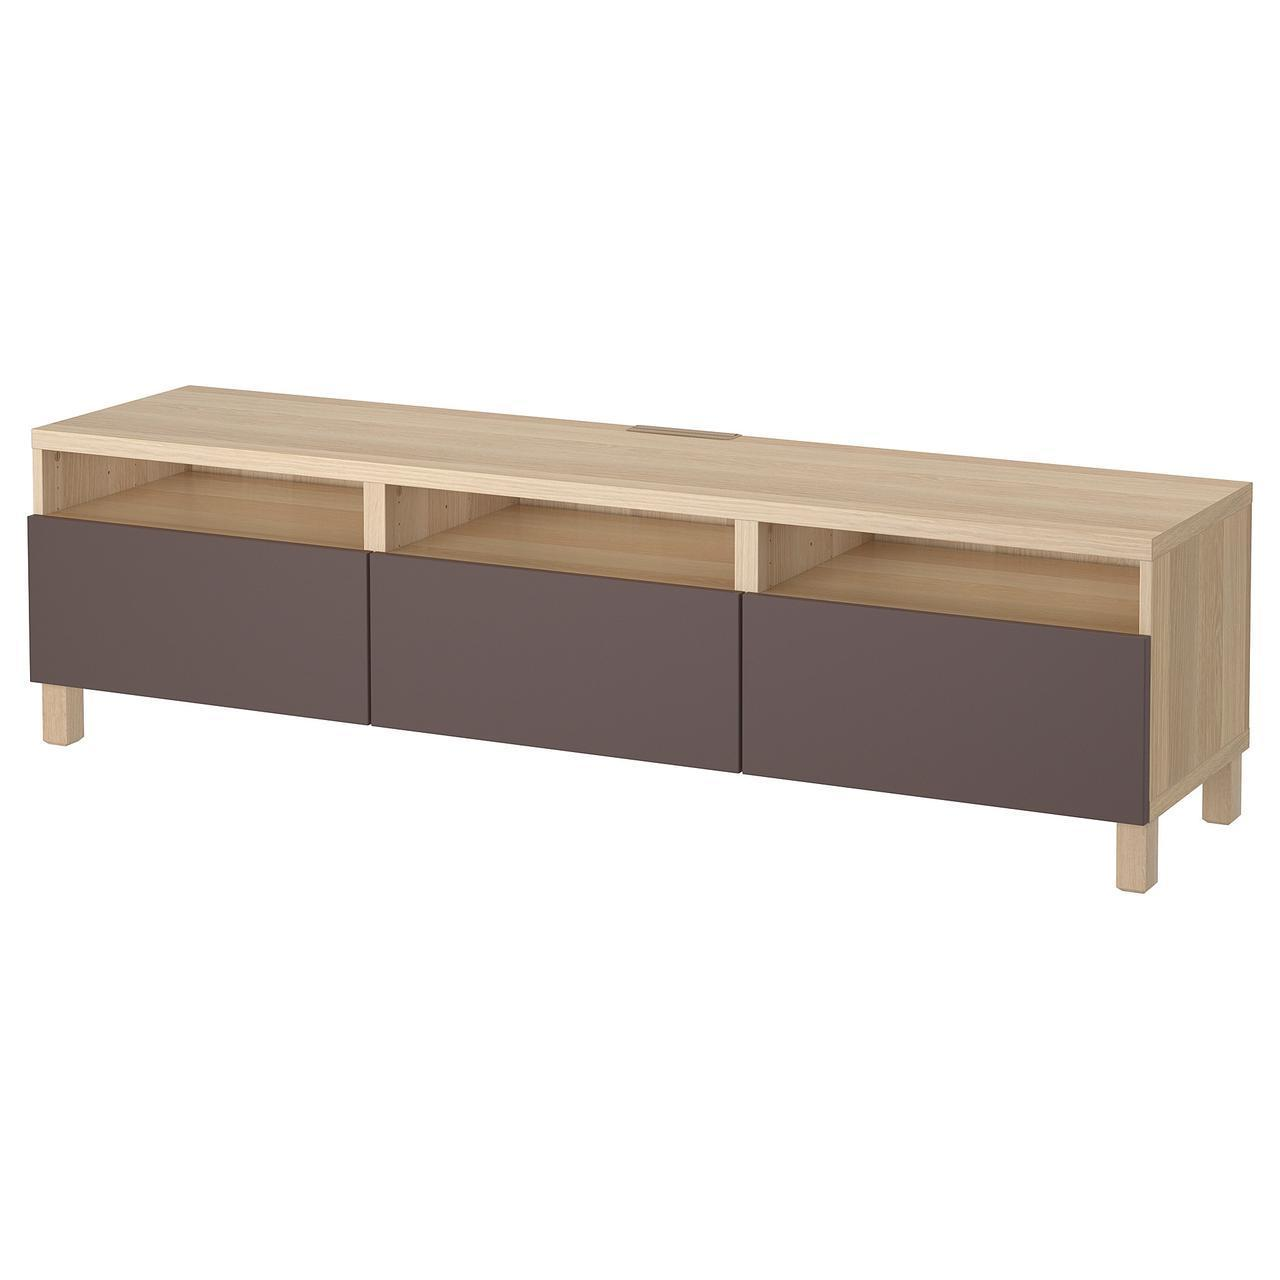 IKEA BESTA Тумба под телевизор с ящиками, белый дуб, Вальвикен темно-коричневый  (691.930.20)